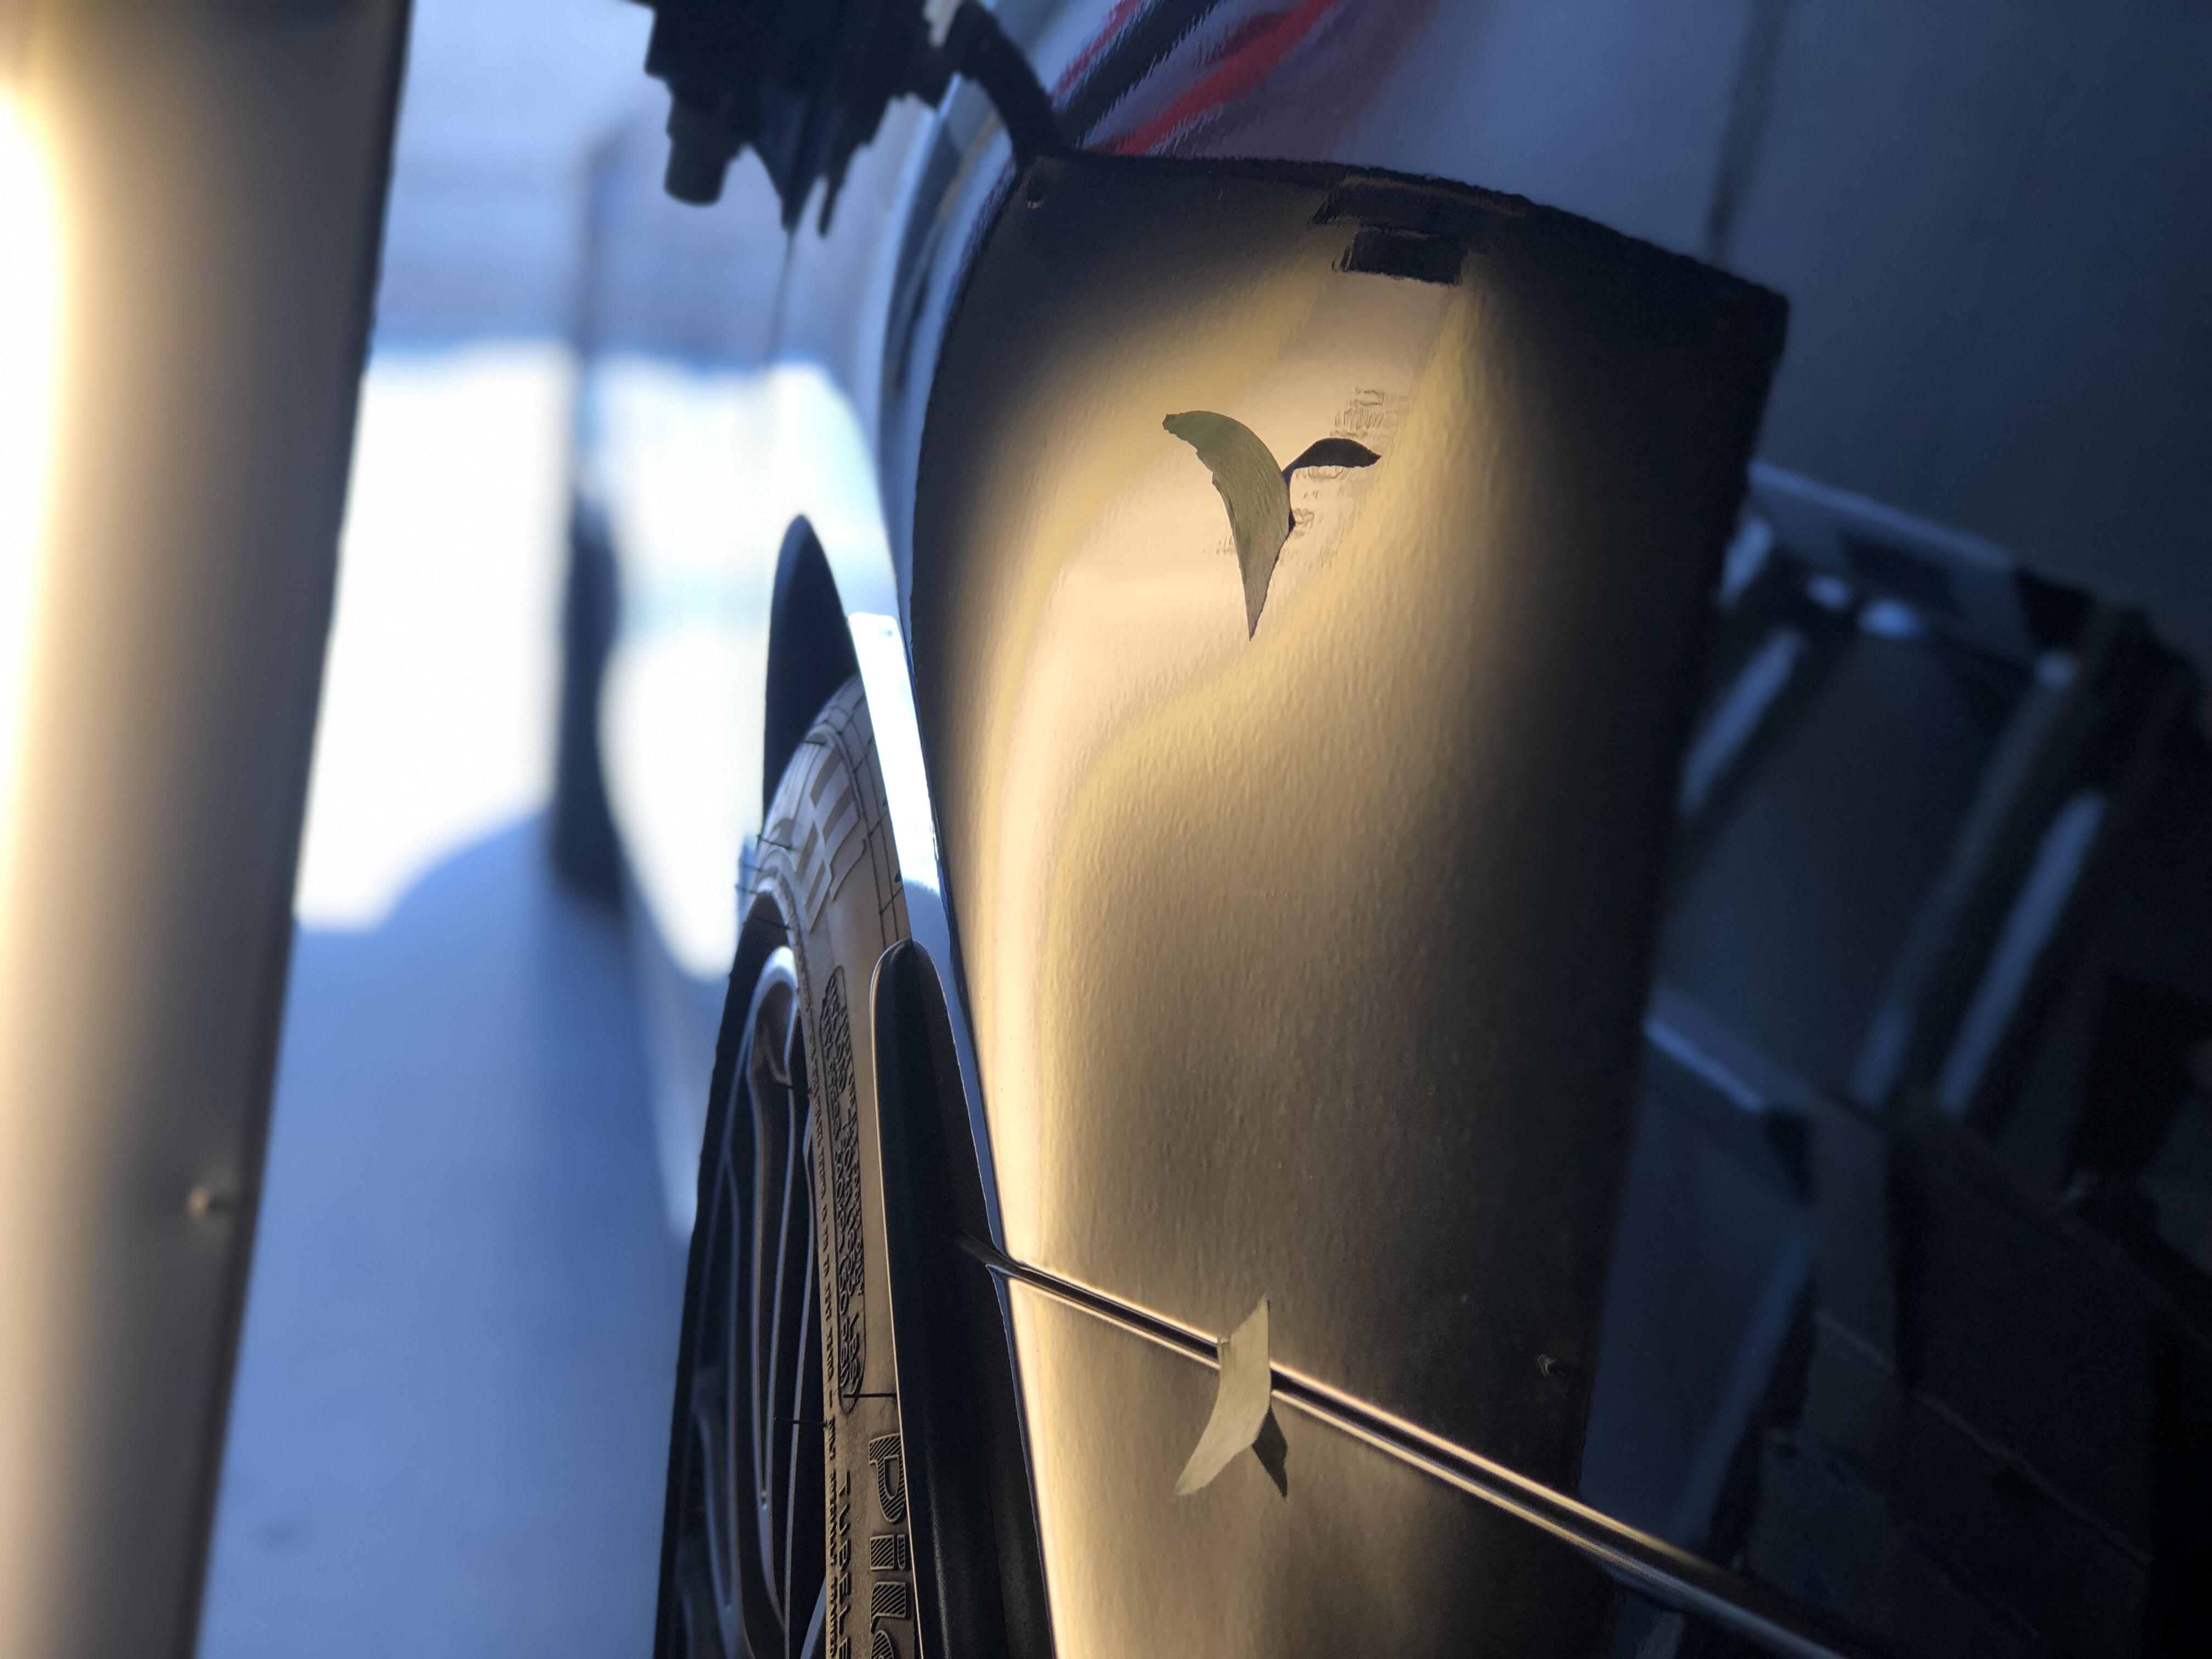 W205 クォーターパネルのヘコミ修理